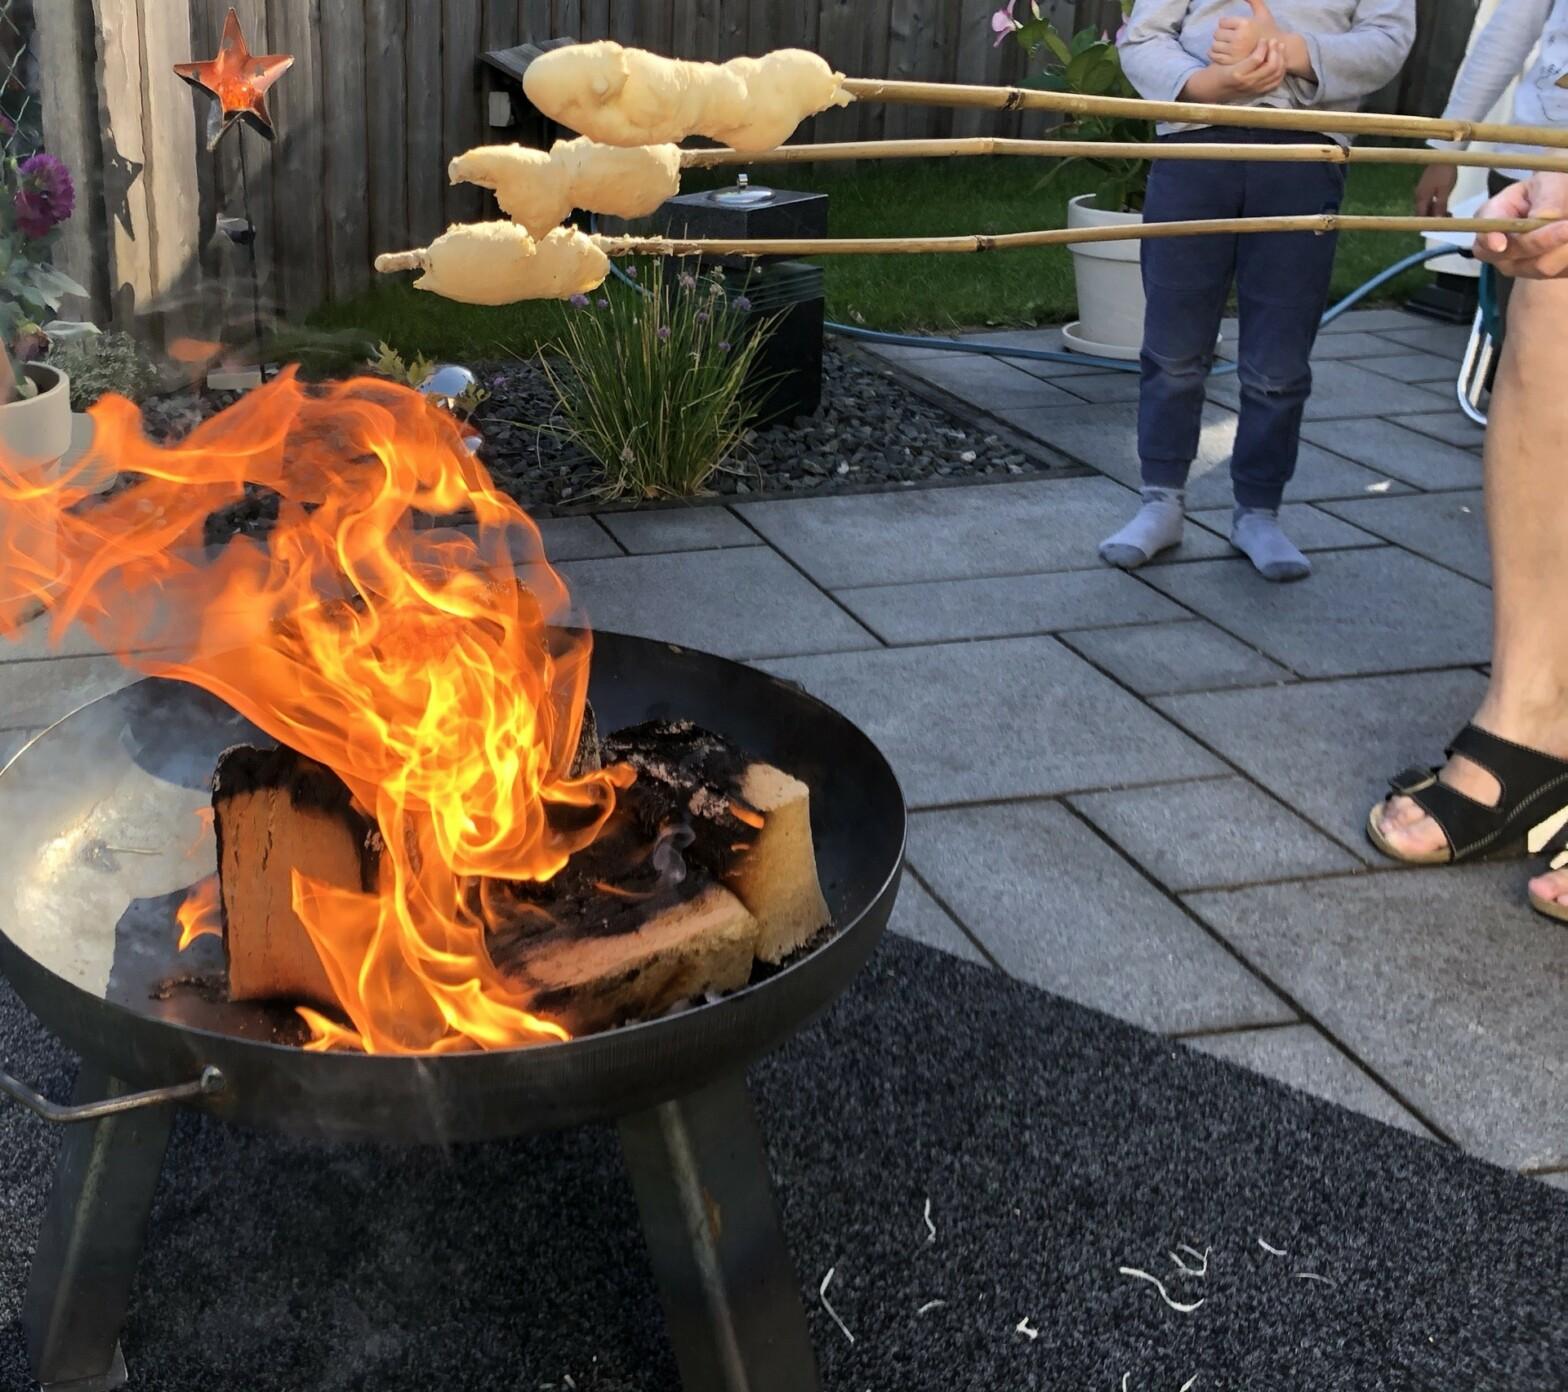 Die Feuerschale verbrennt Holzbriketts und steht sicher auf der Matte.